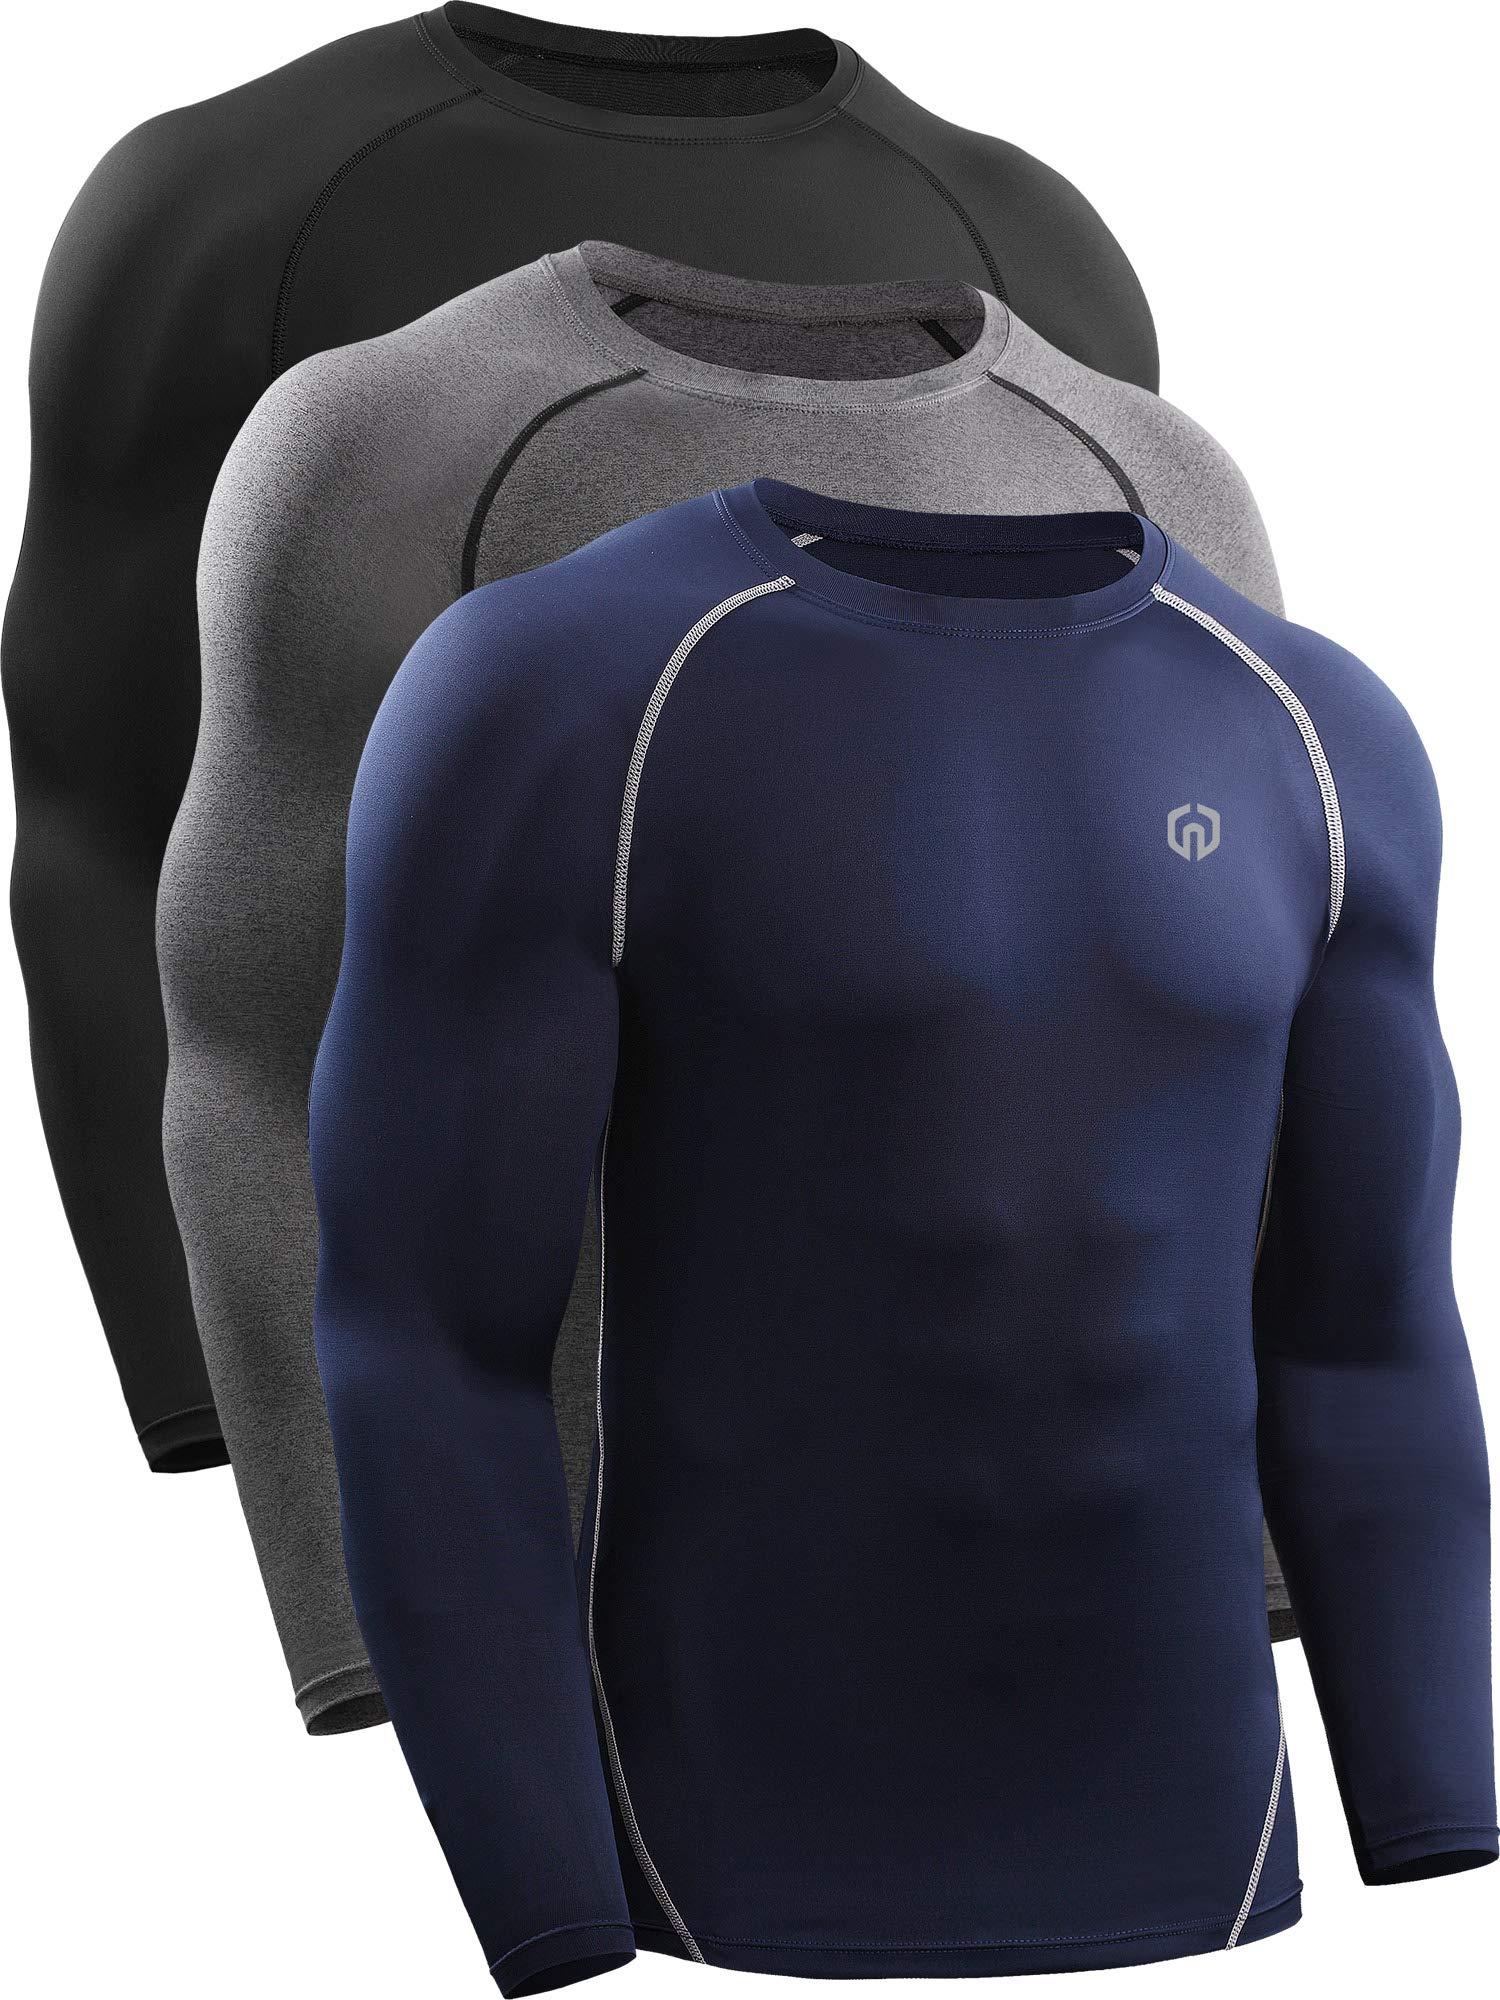 Neleus Men's 3 Pack Workout Compression Long Sleeve Shirts,5035,Black,Grey,Navy Blue,US M,EU L by Neleus